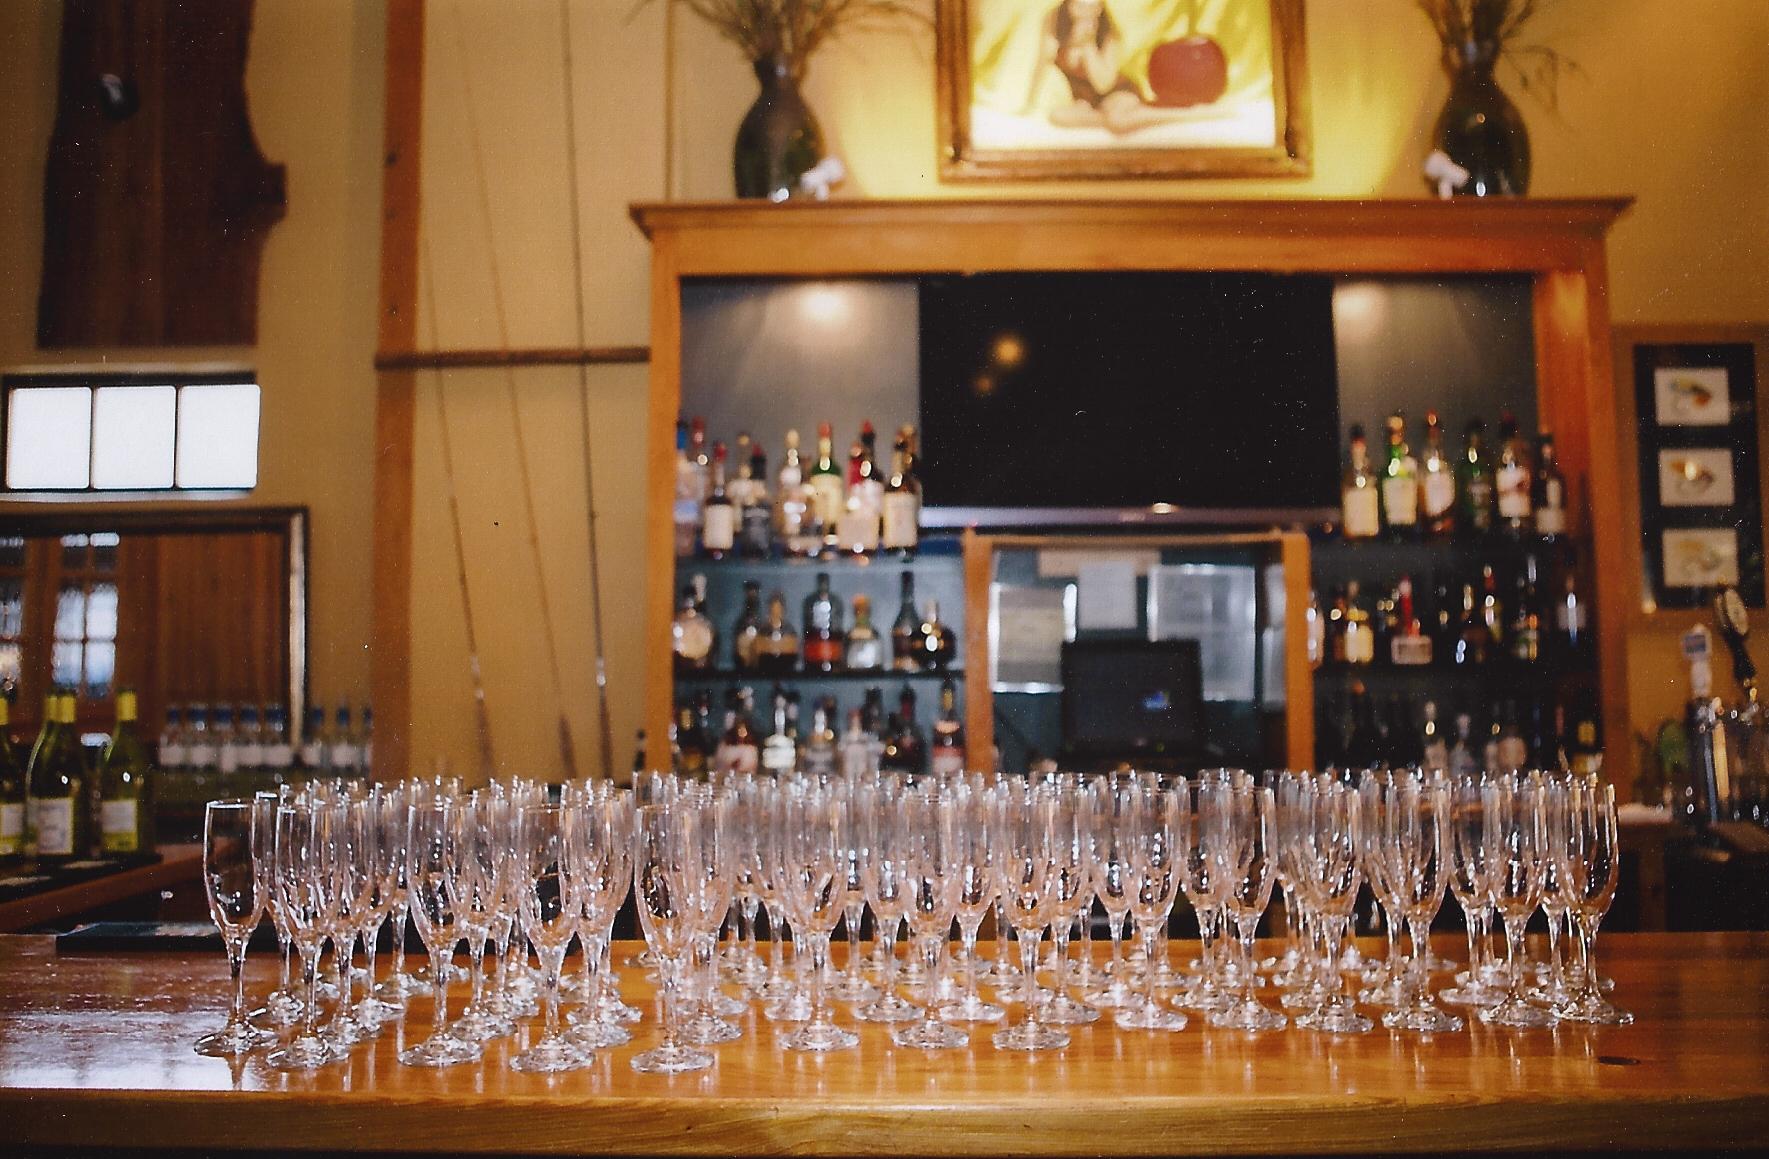 511 Rutledge - Event Venue - Bar & Rentals